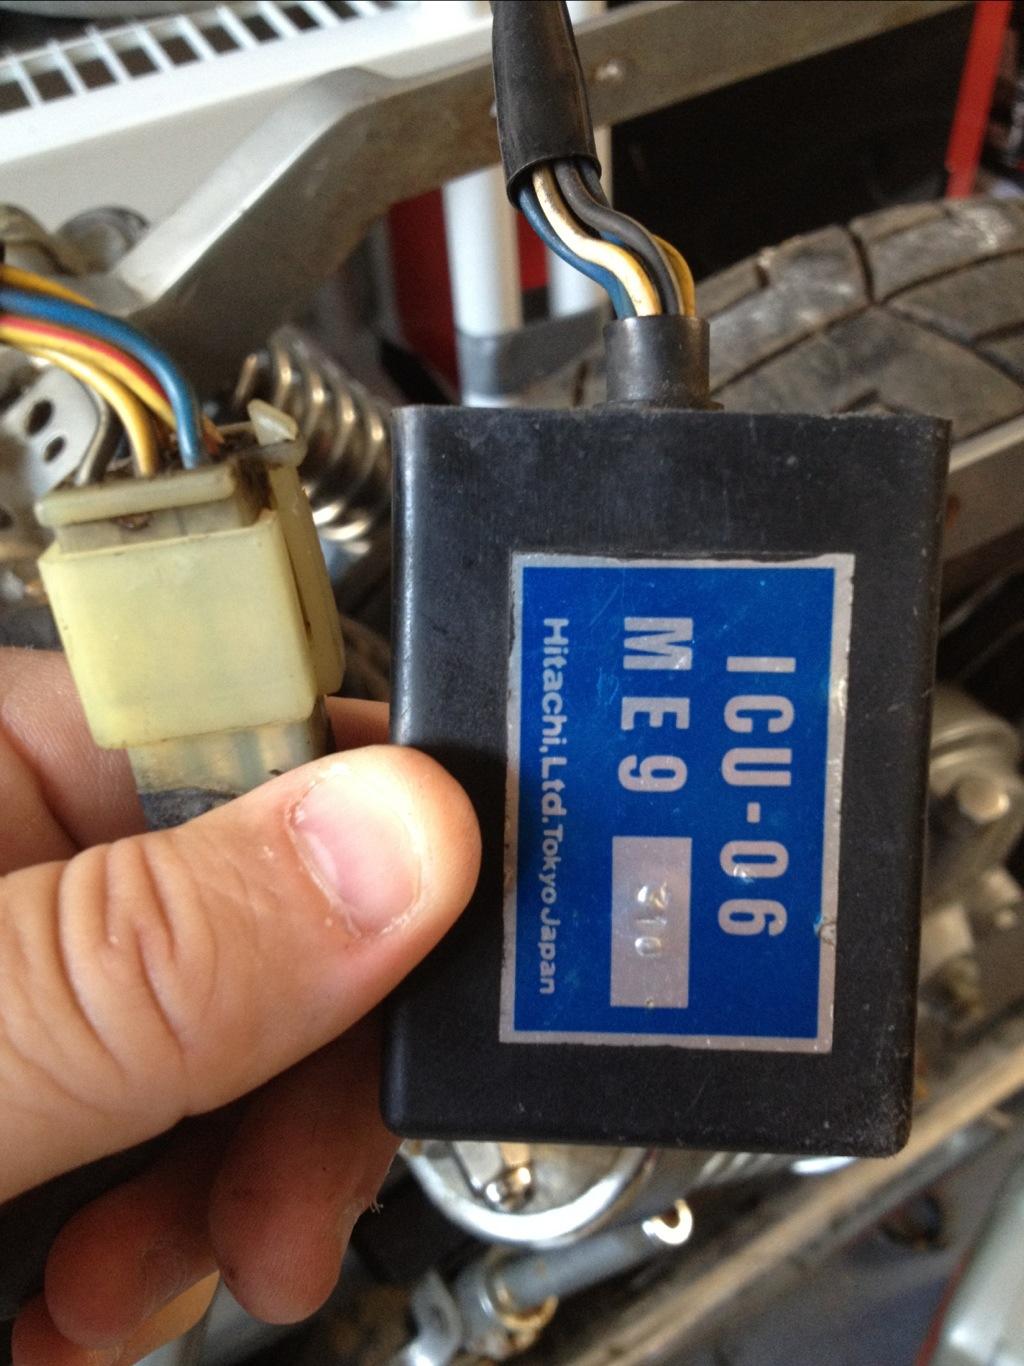 Honda Vt700 Wiring Diagram Manual Of 1985 Shadow 1984 Vt700c Brain Transplant Oden Motor Shop Rh Odenmotorshop Com